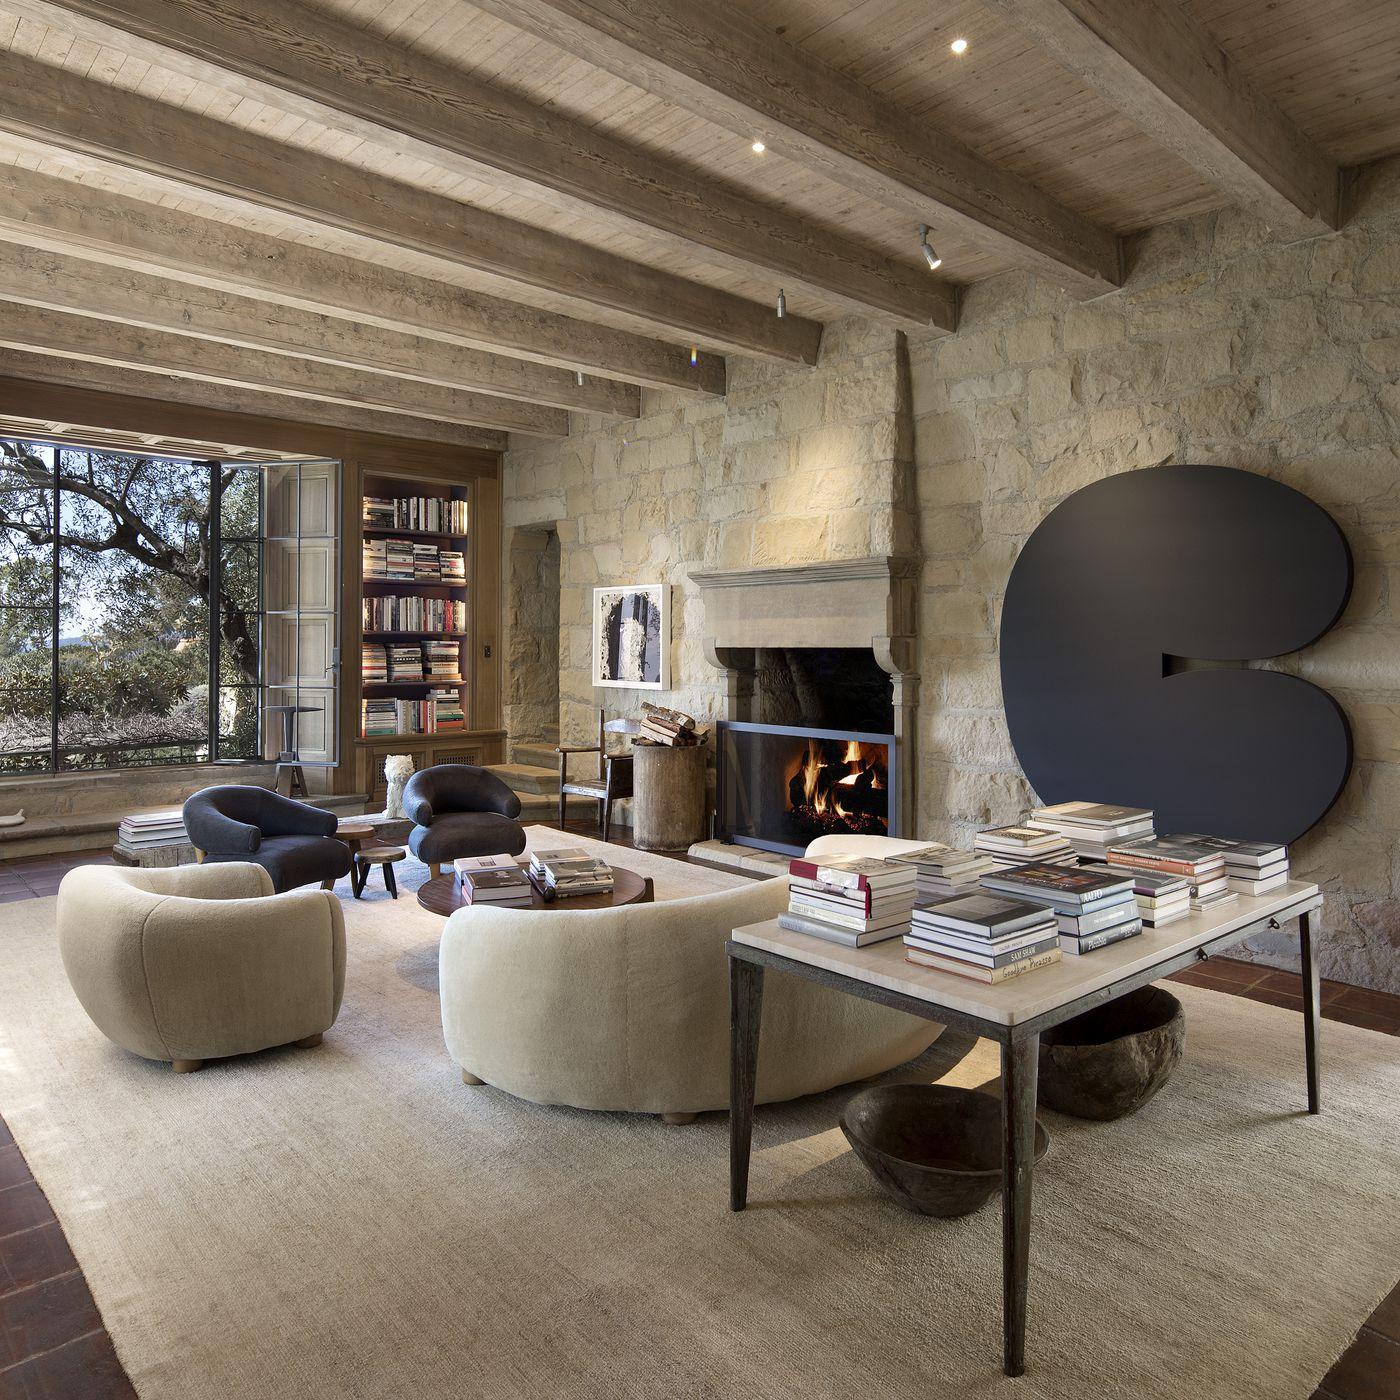 Ellen Degeneres And Portia De Rossi List Their Stunning Santa Barbara Villa For 45m Curbed